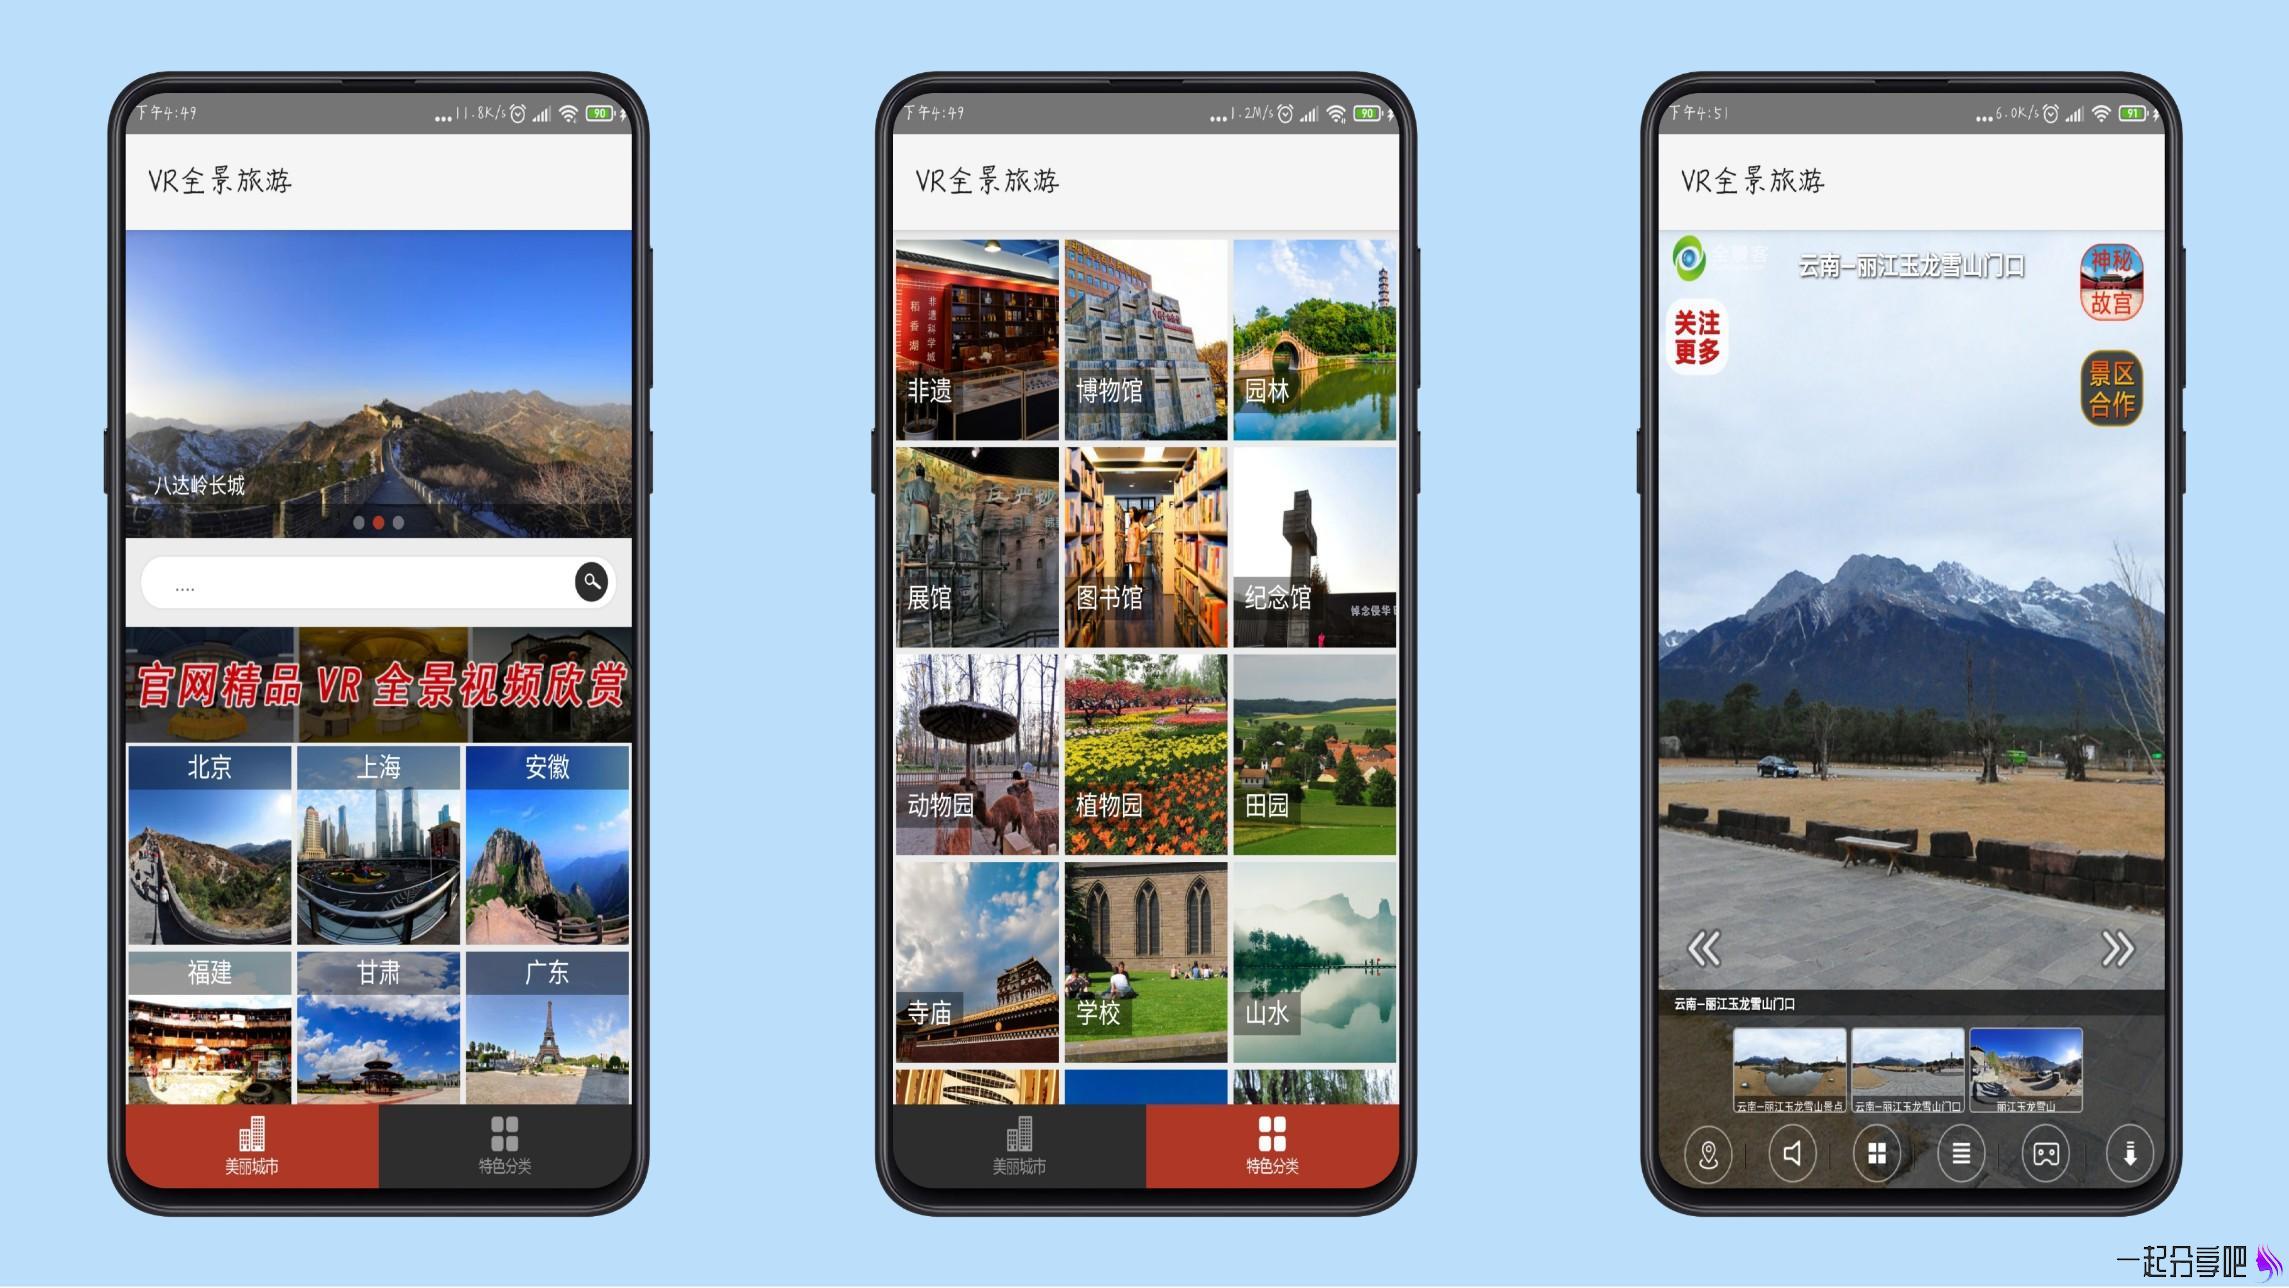 VR全景旅游 足不出户看中国 第1张